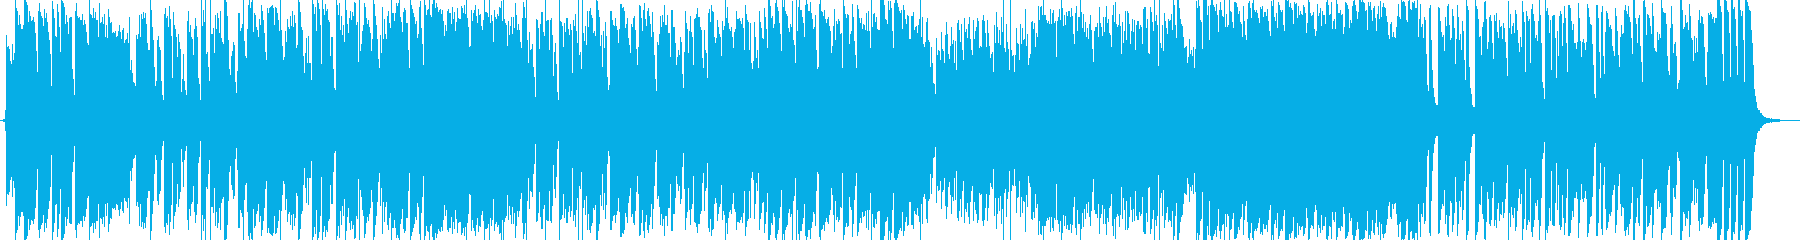 ニュース 情報 生演奏ヴァイオリンの再生済みの波形